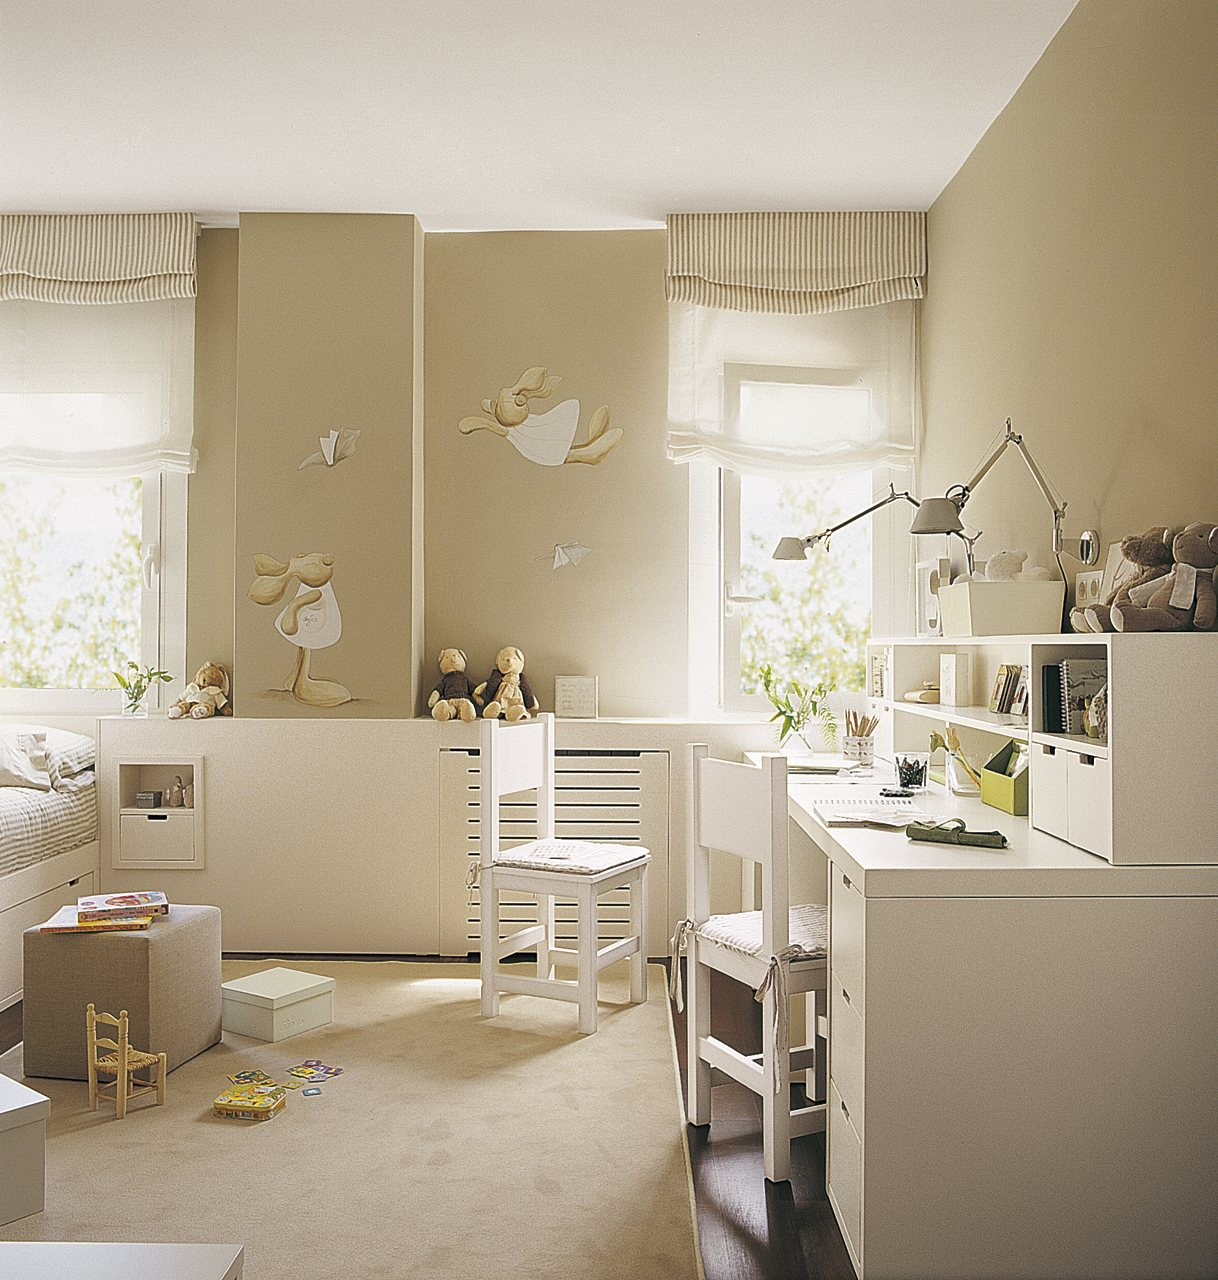 Cinco habitaciones de ni os solucionadas a medida for Habitaciones infantiles pequenas para dos